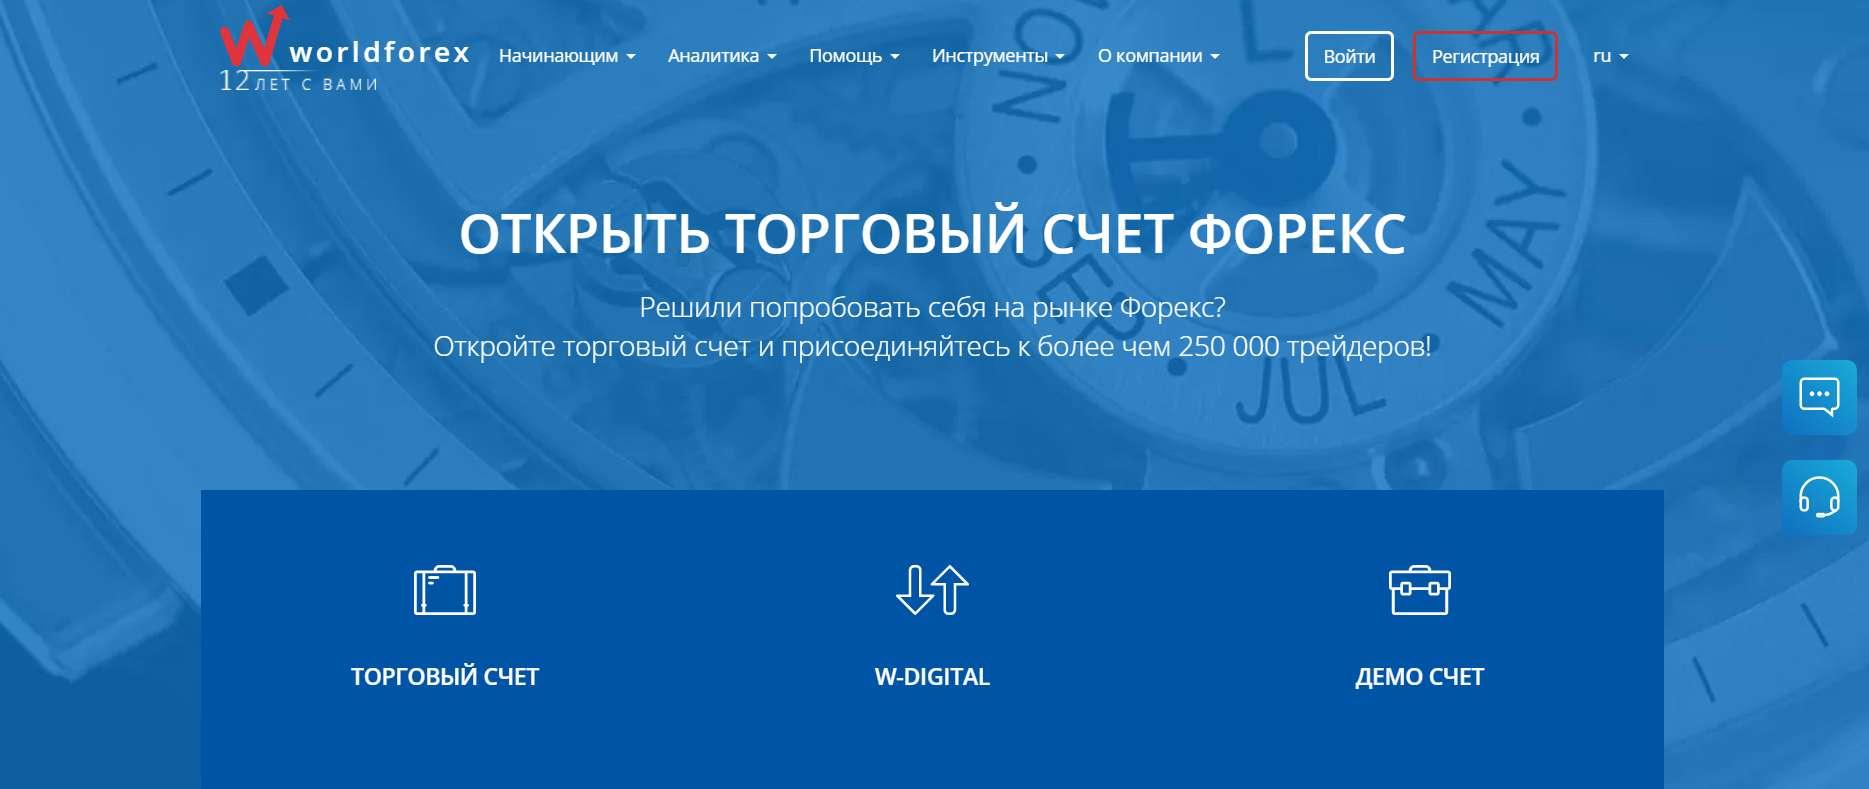 Обзор компании World Forex. Отзывы на проект. Стоит ли доверять?